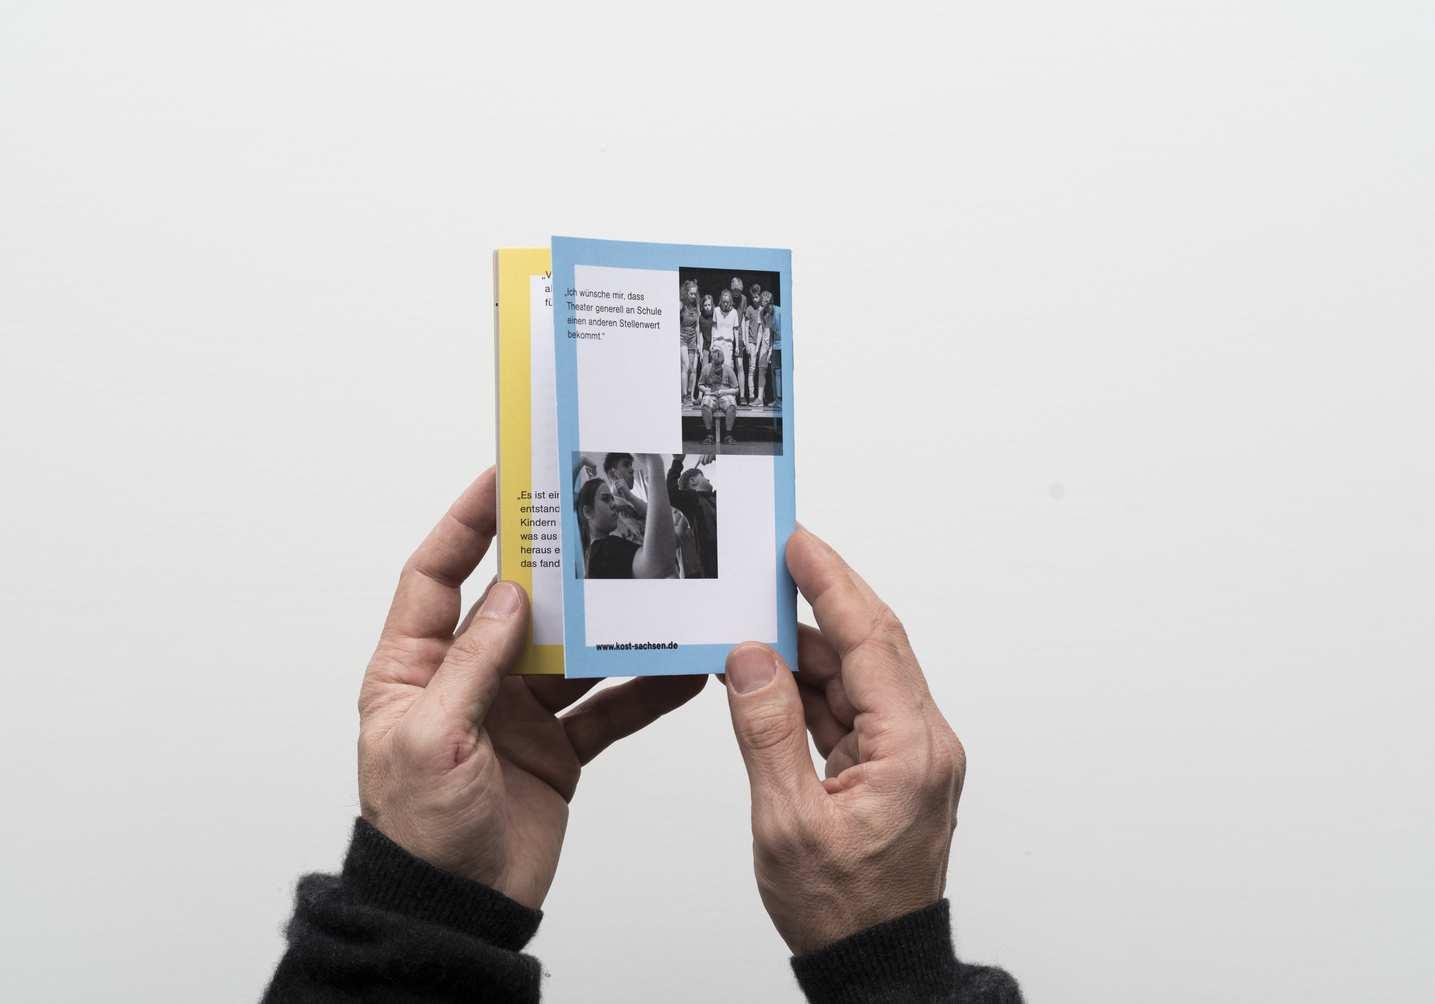 kost-tiny-brochure-10-1435x1004px